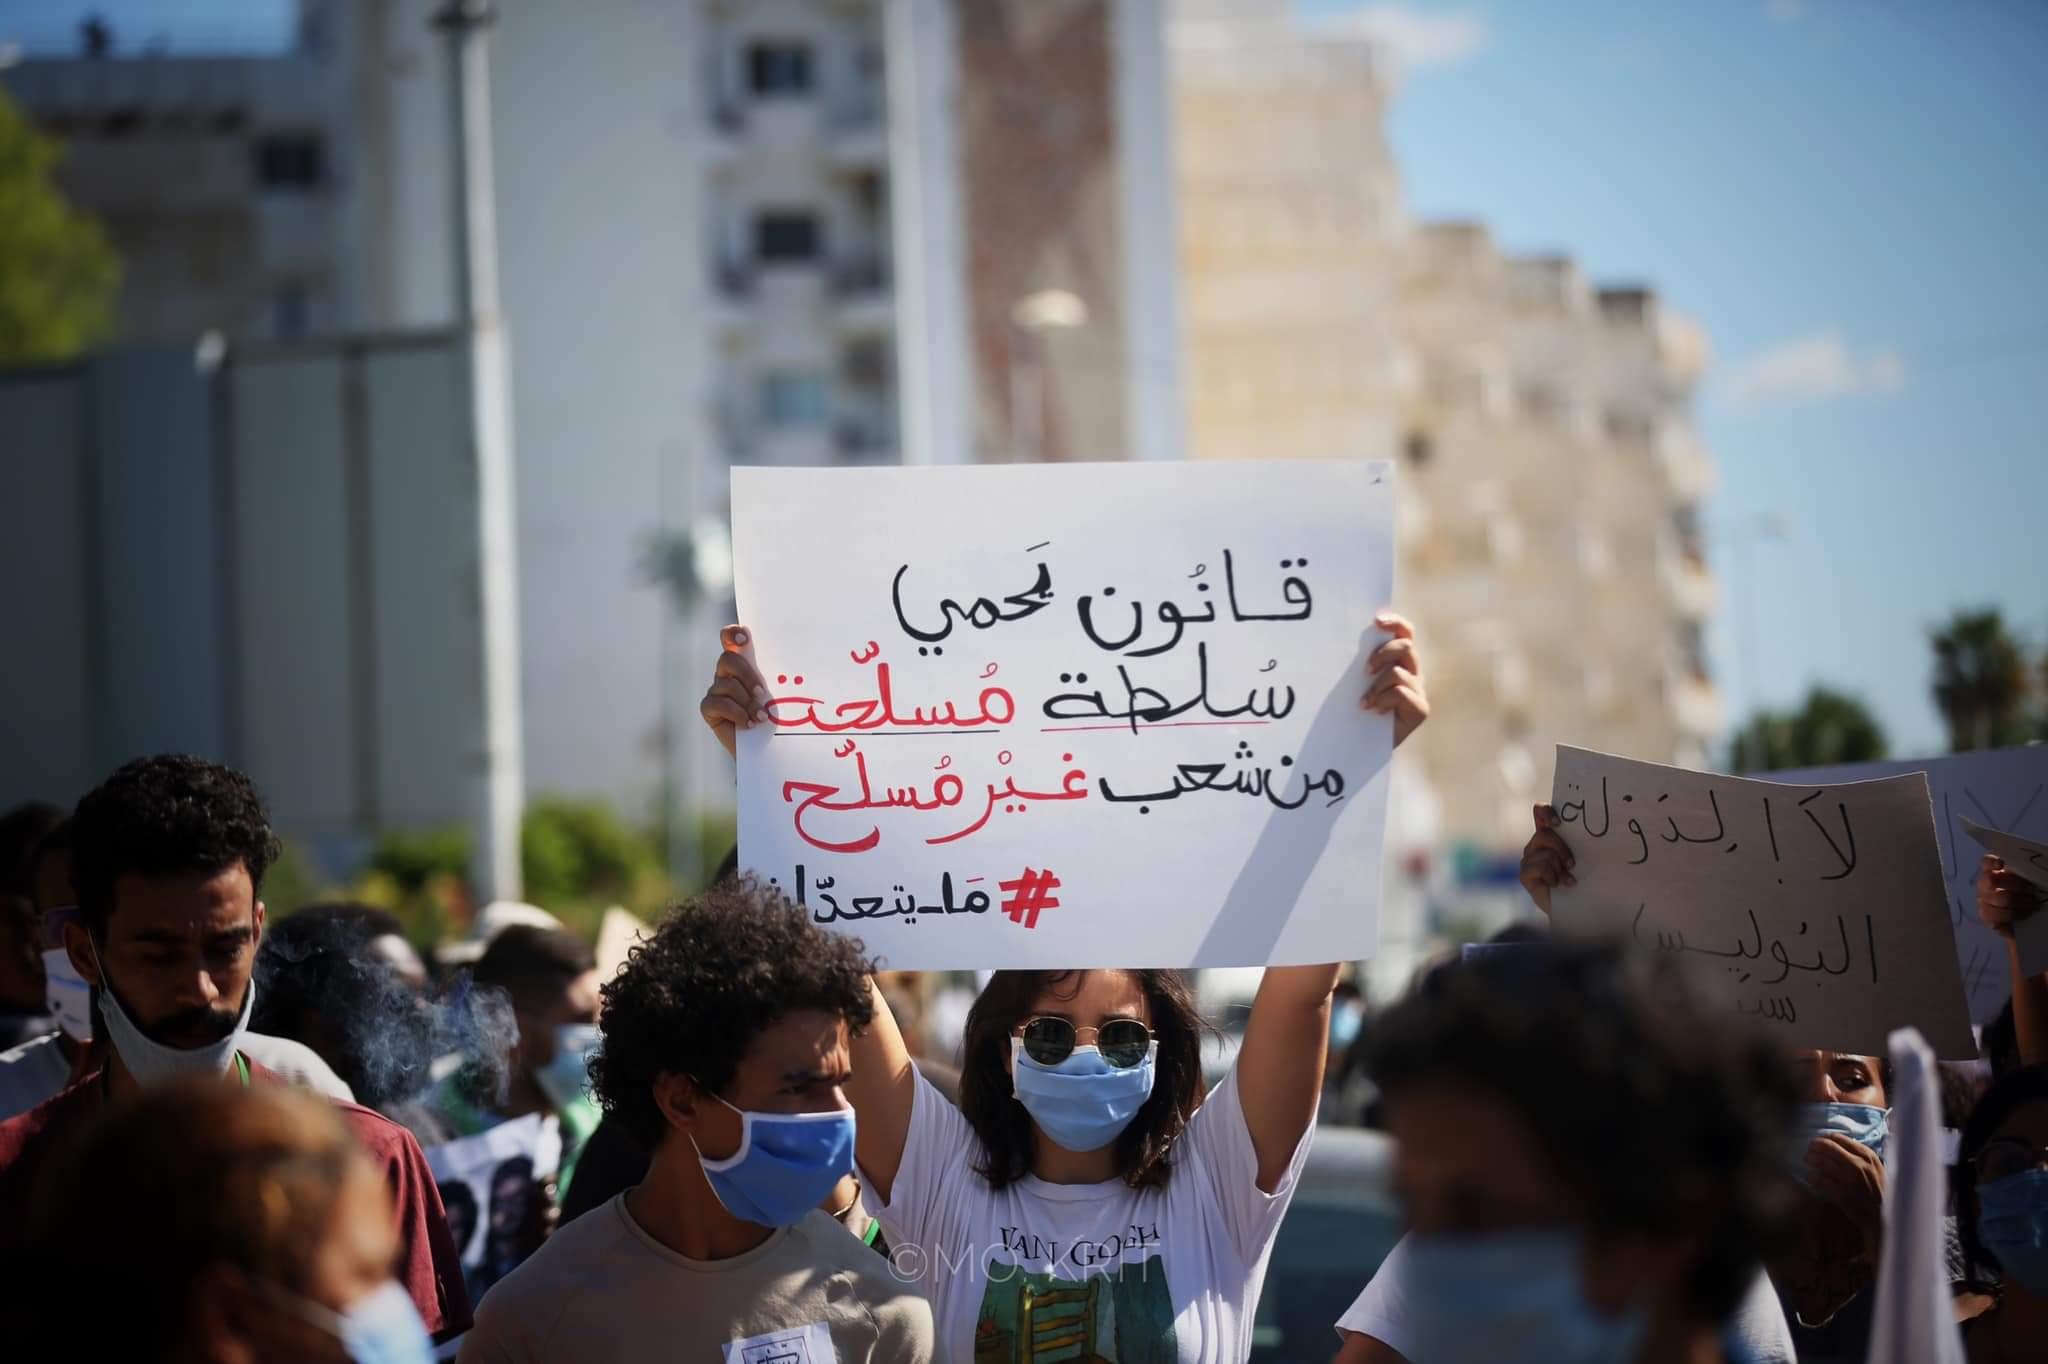 لمن حماية القانون في تونس؟  الأمنيون يسحلون المعترضين على مشروع قانون لحمايتهم